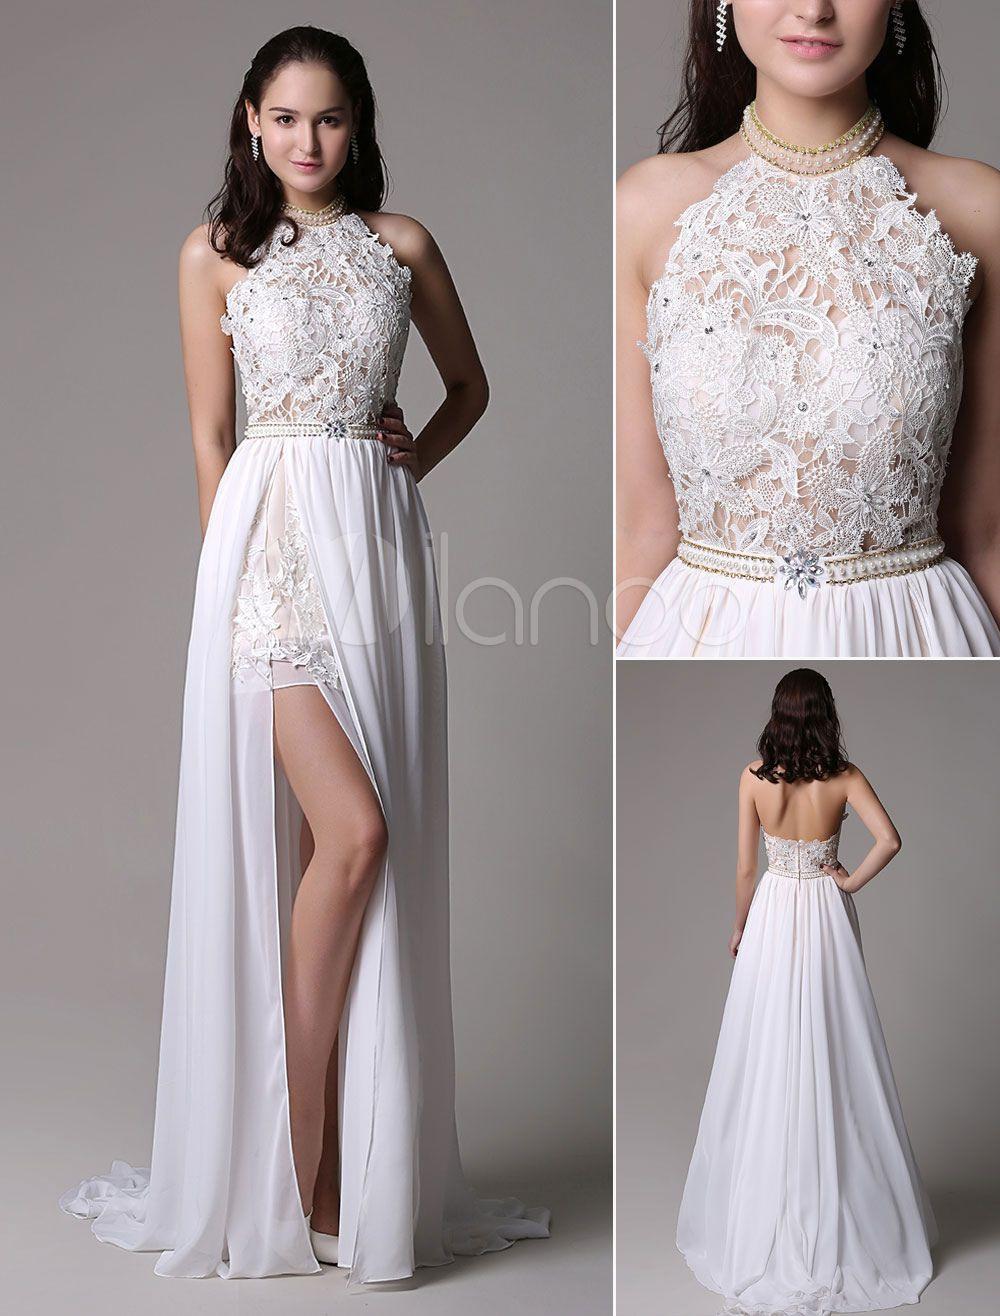 Großartig Abendkleider Weiß Galerie20 Cool Abendkleider Weiß Vertrieb